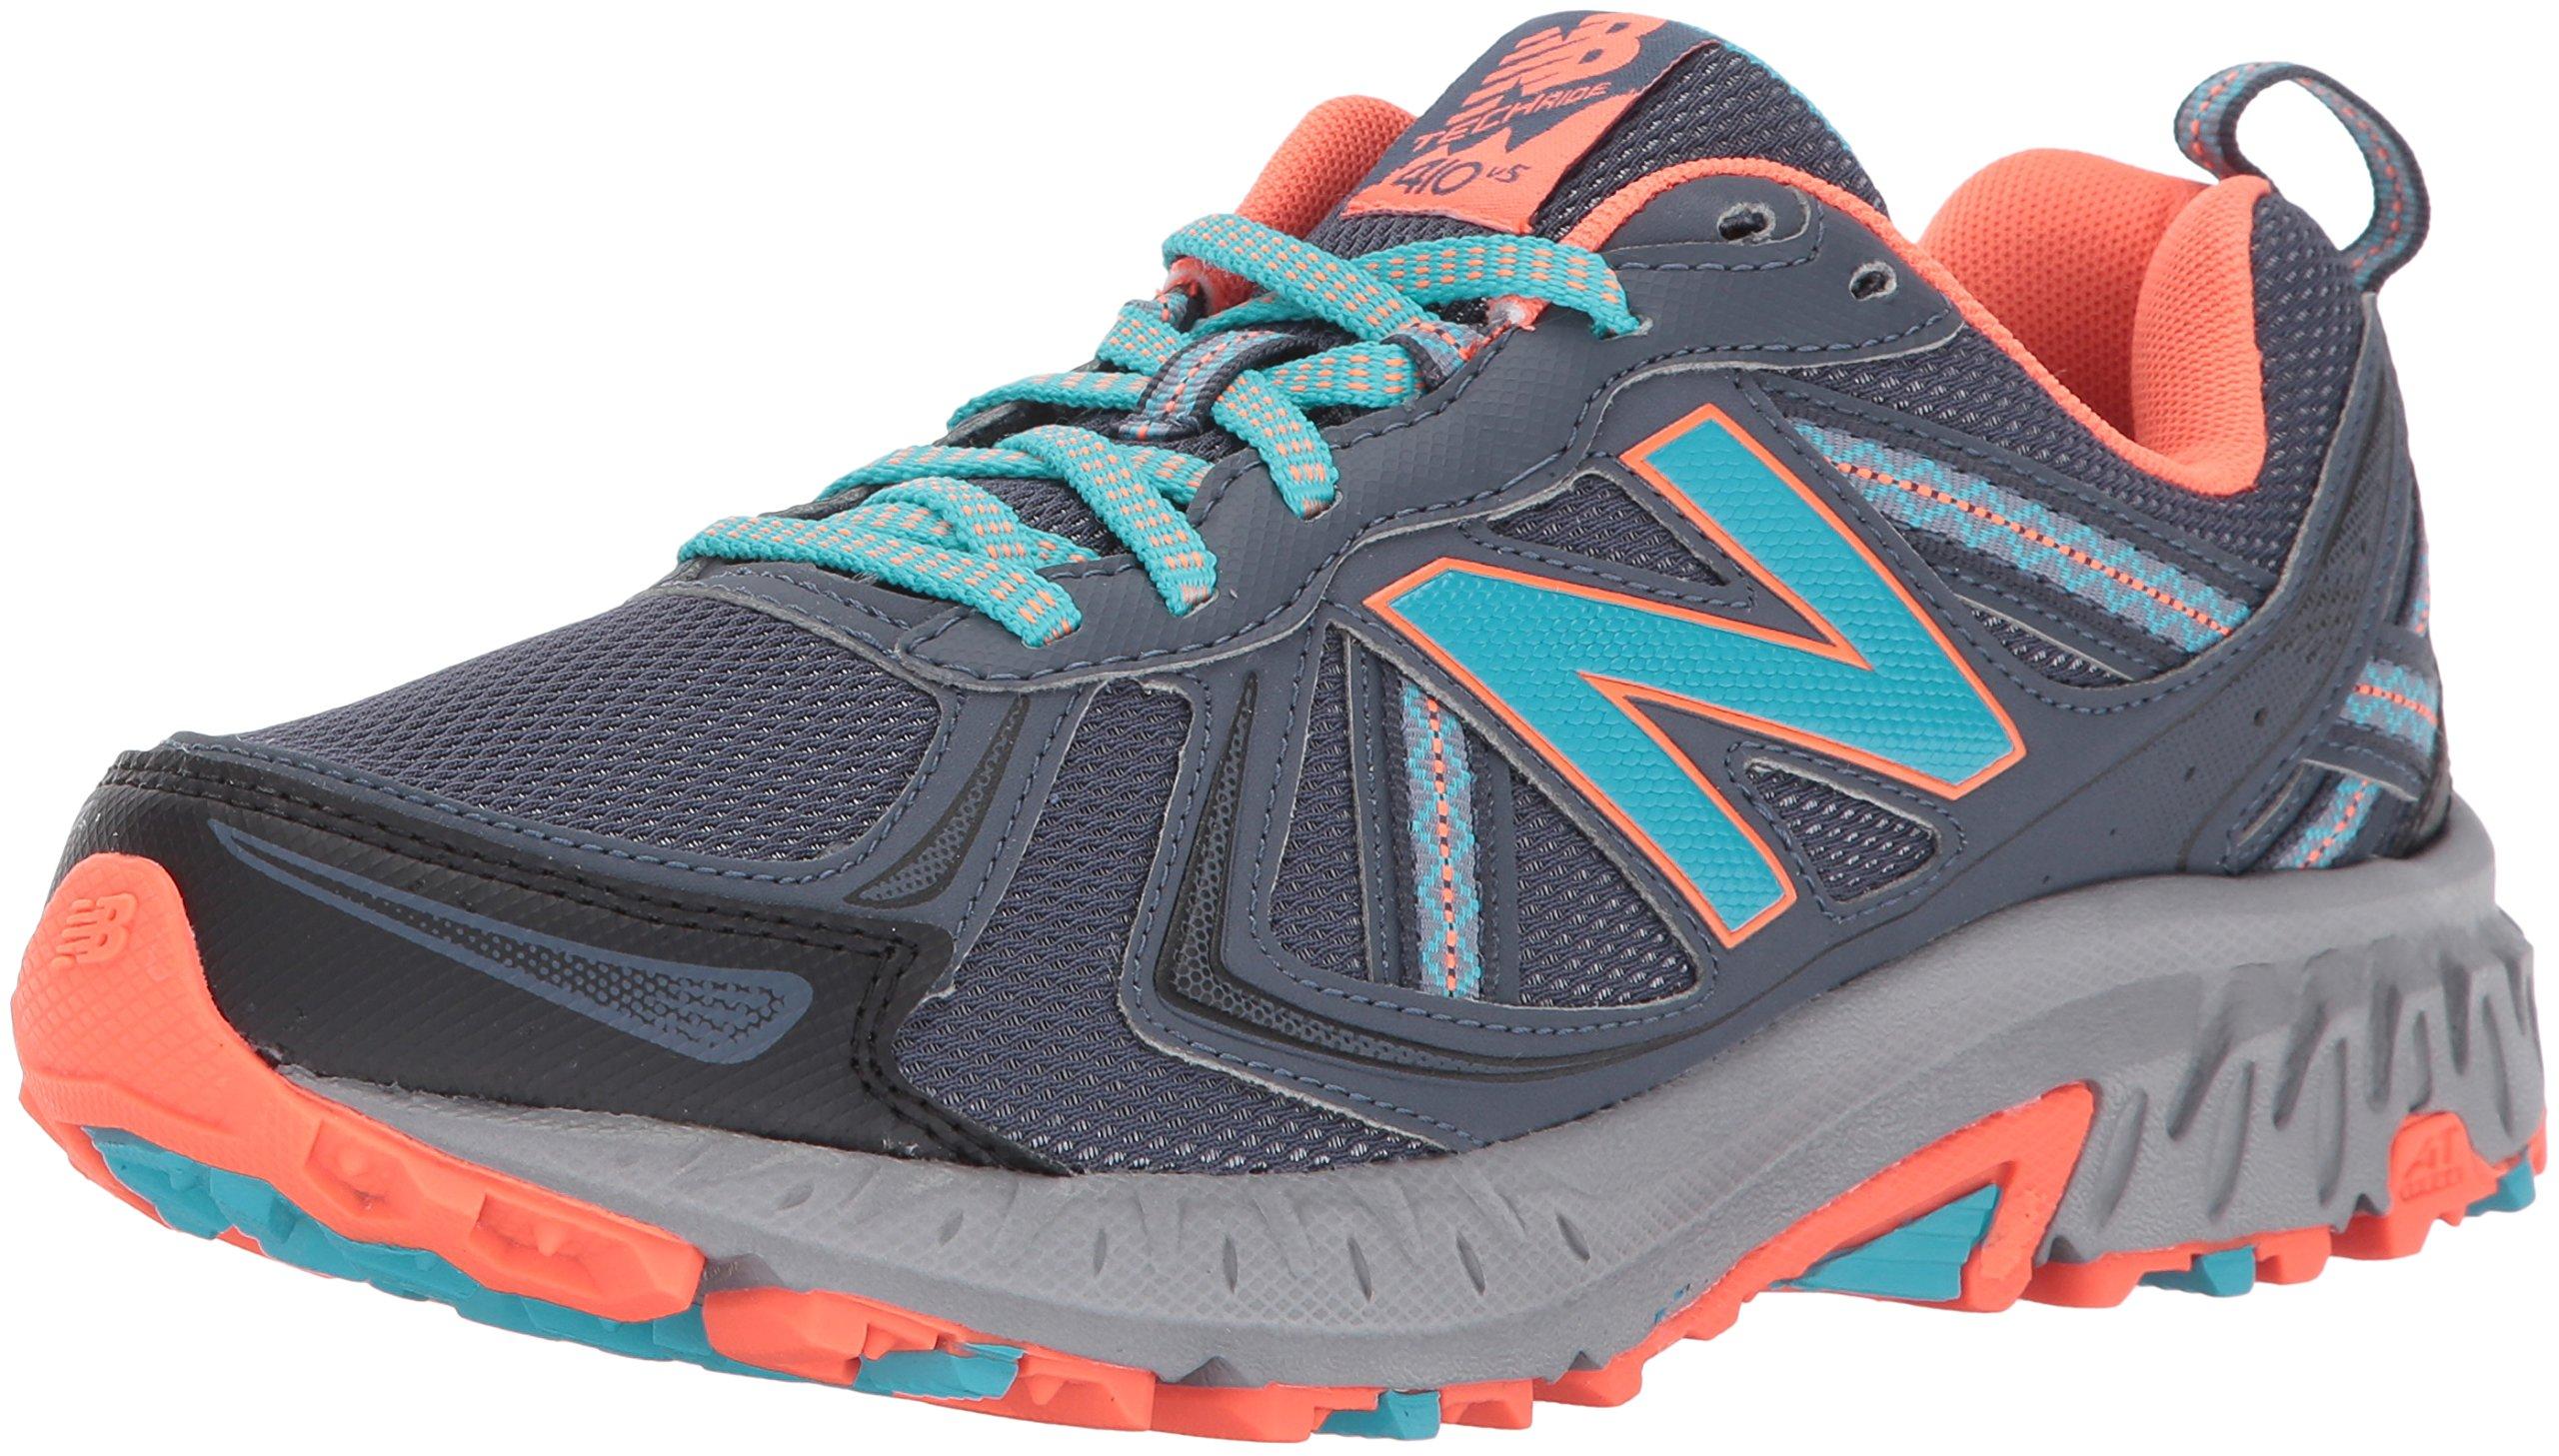 New Balance Women's WT410v5 Cushioning Trail Running Shoe, Dark Grey, 9 B US